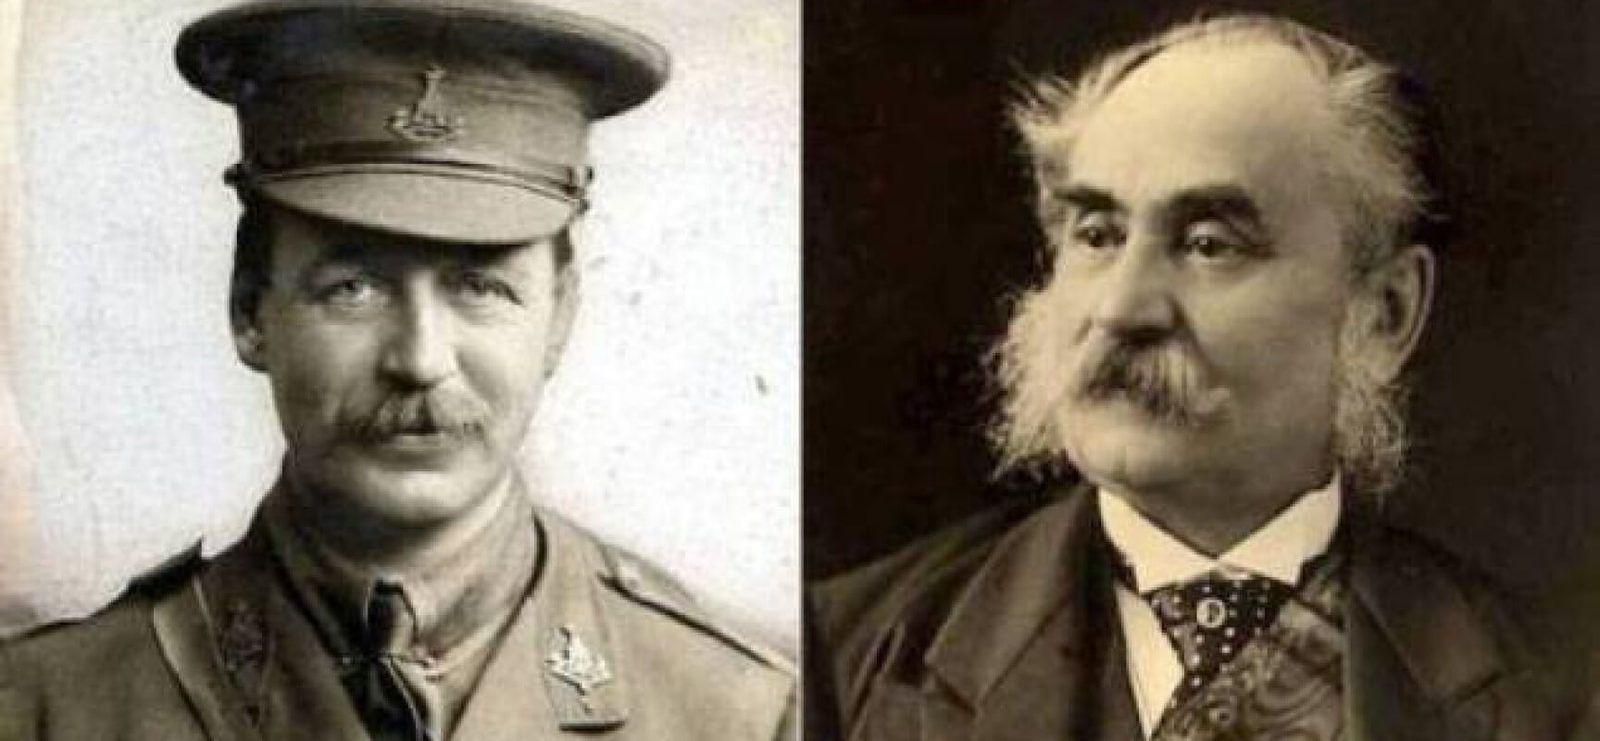 16 mai 1916 : L'accord secret franco-britannique Sykes-Picot